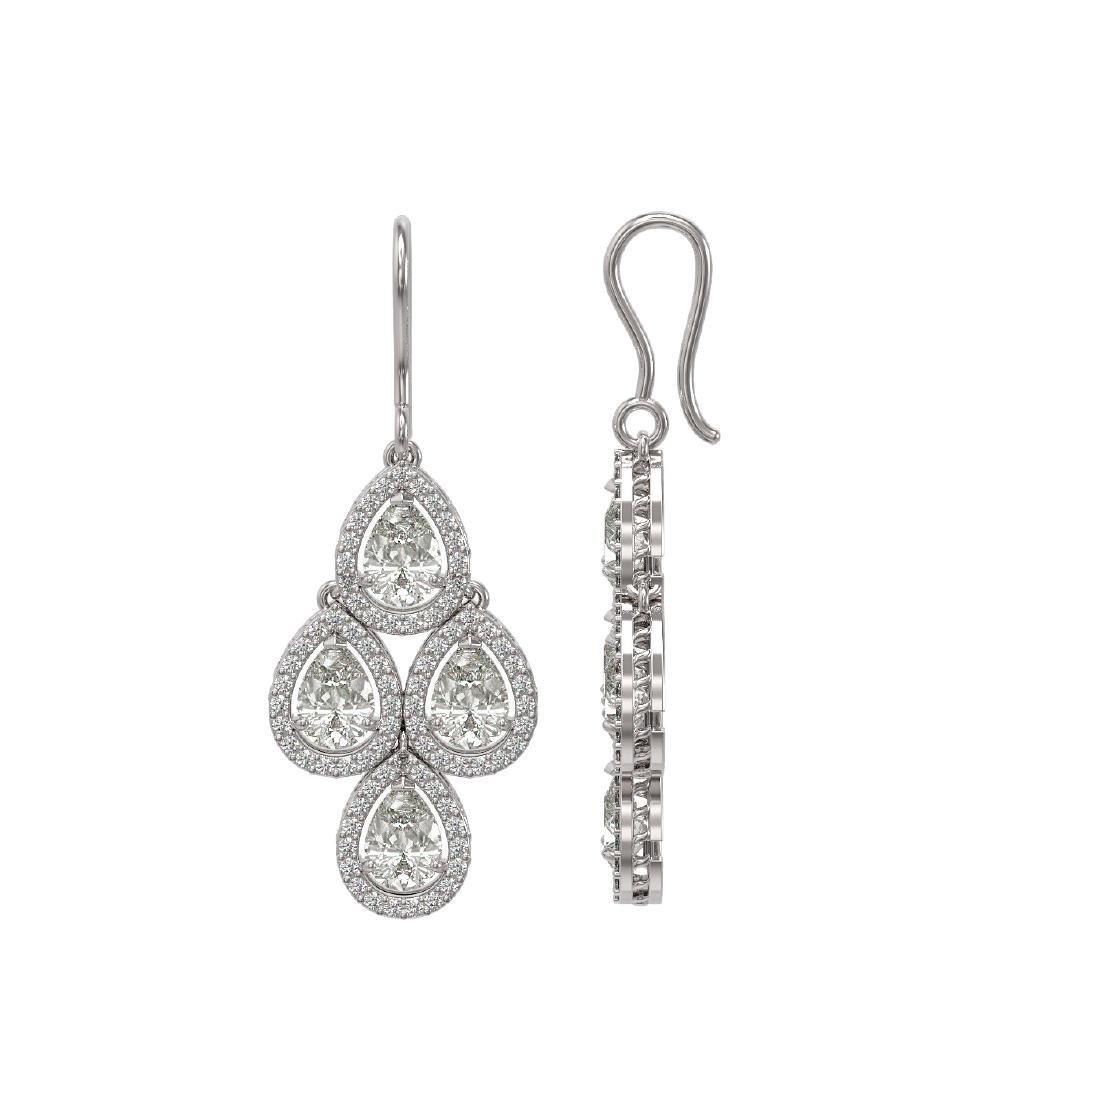 5.85 CTW Pear Diamond Designer Earrings 18K White Gold - 2